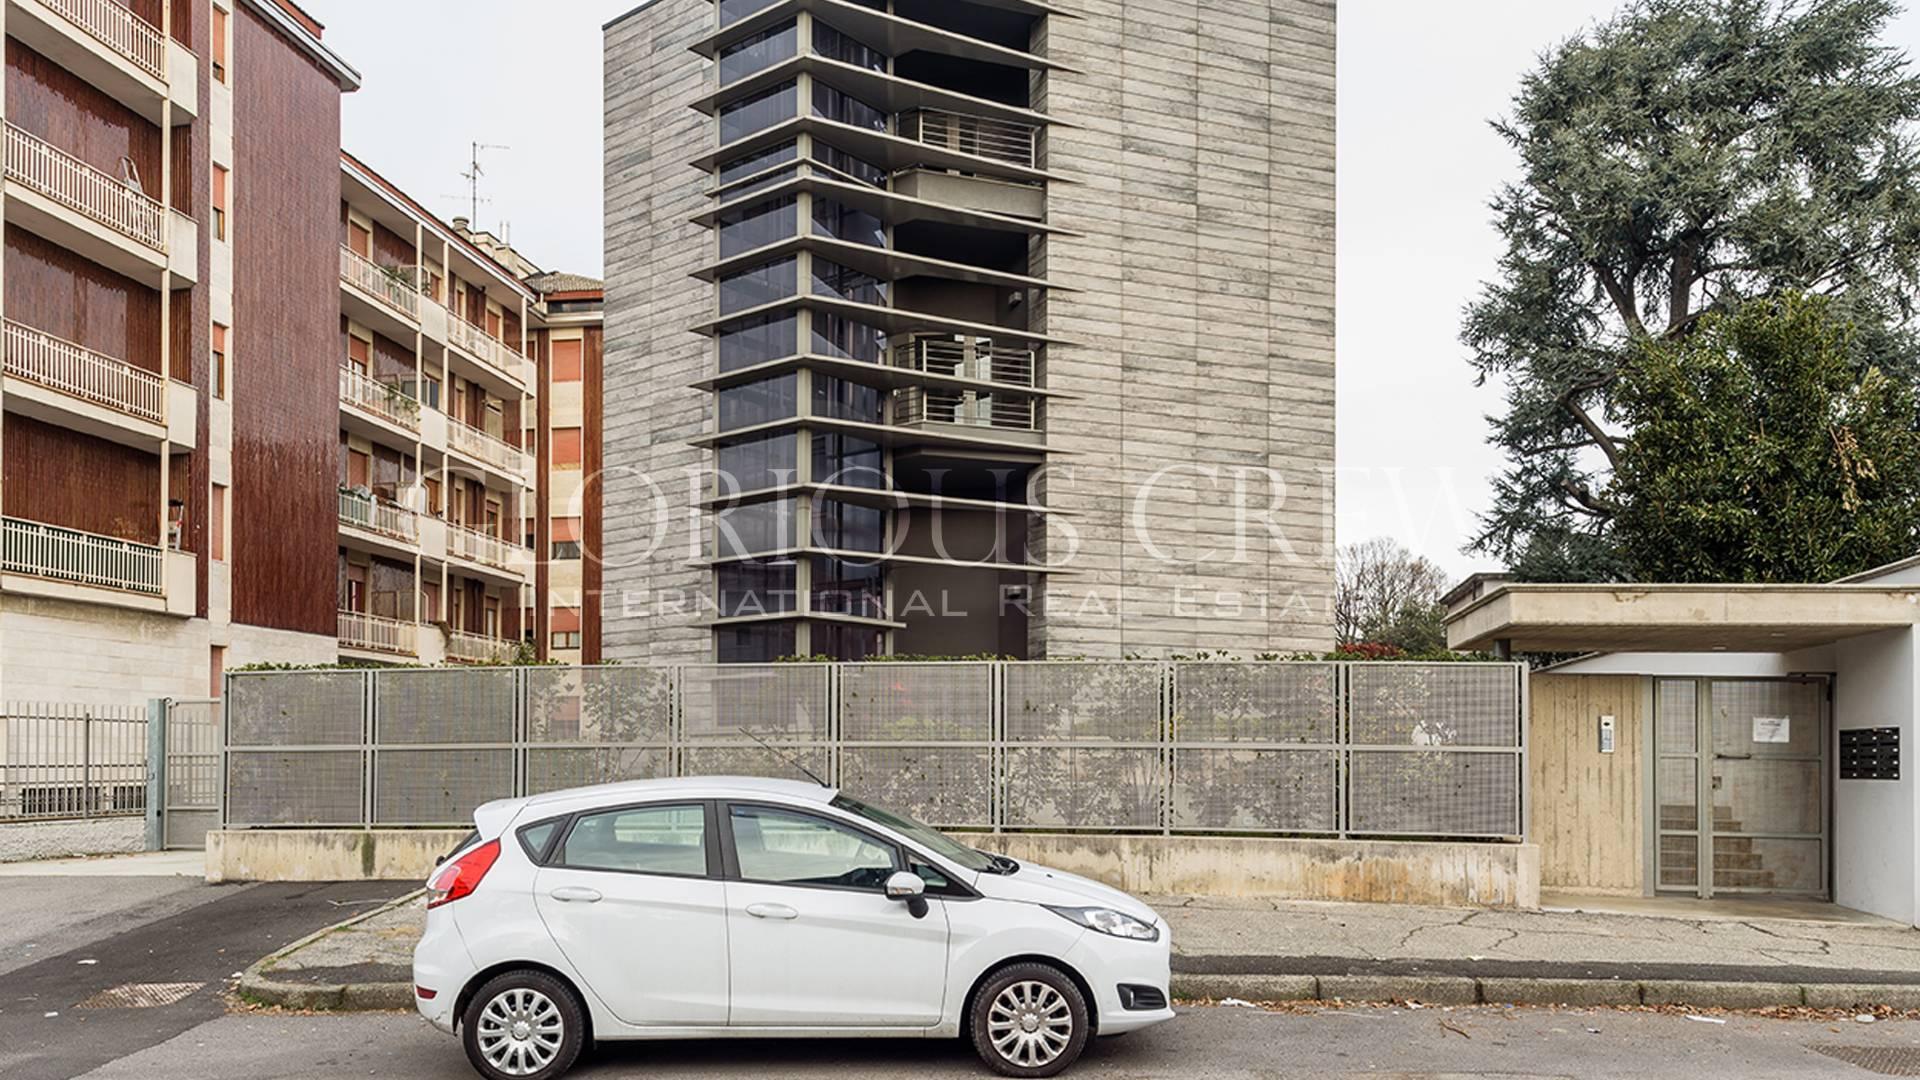 Appartamento in Vendita a Monza: 4 locali, 149 mq - Foto 6